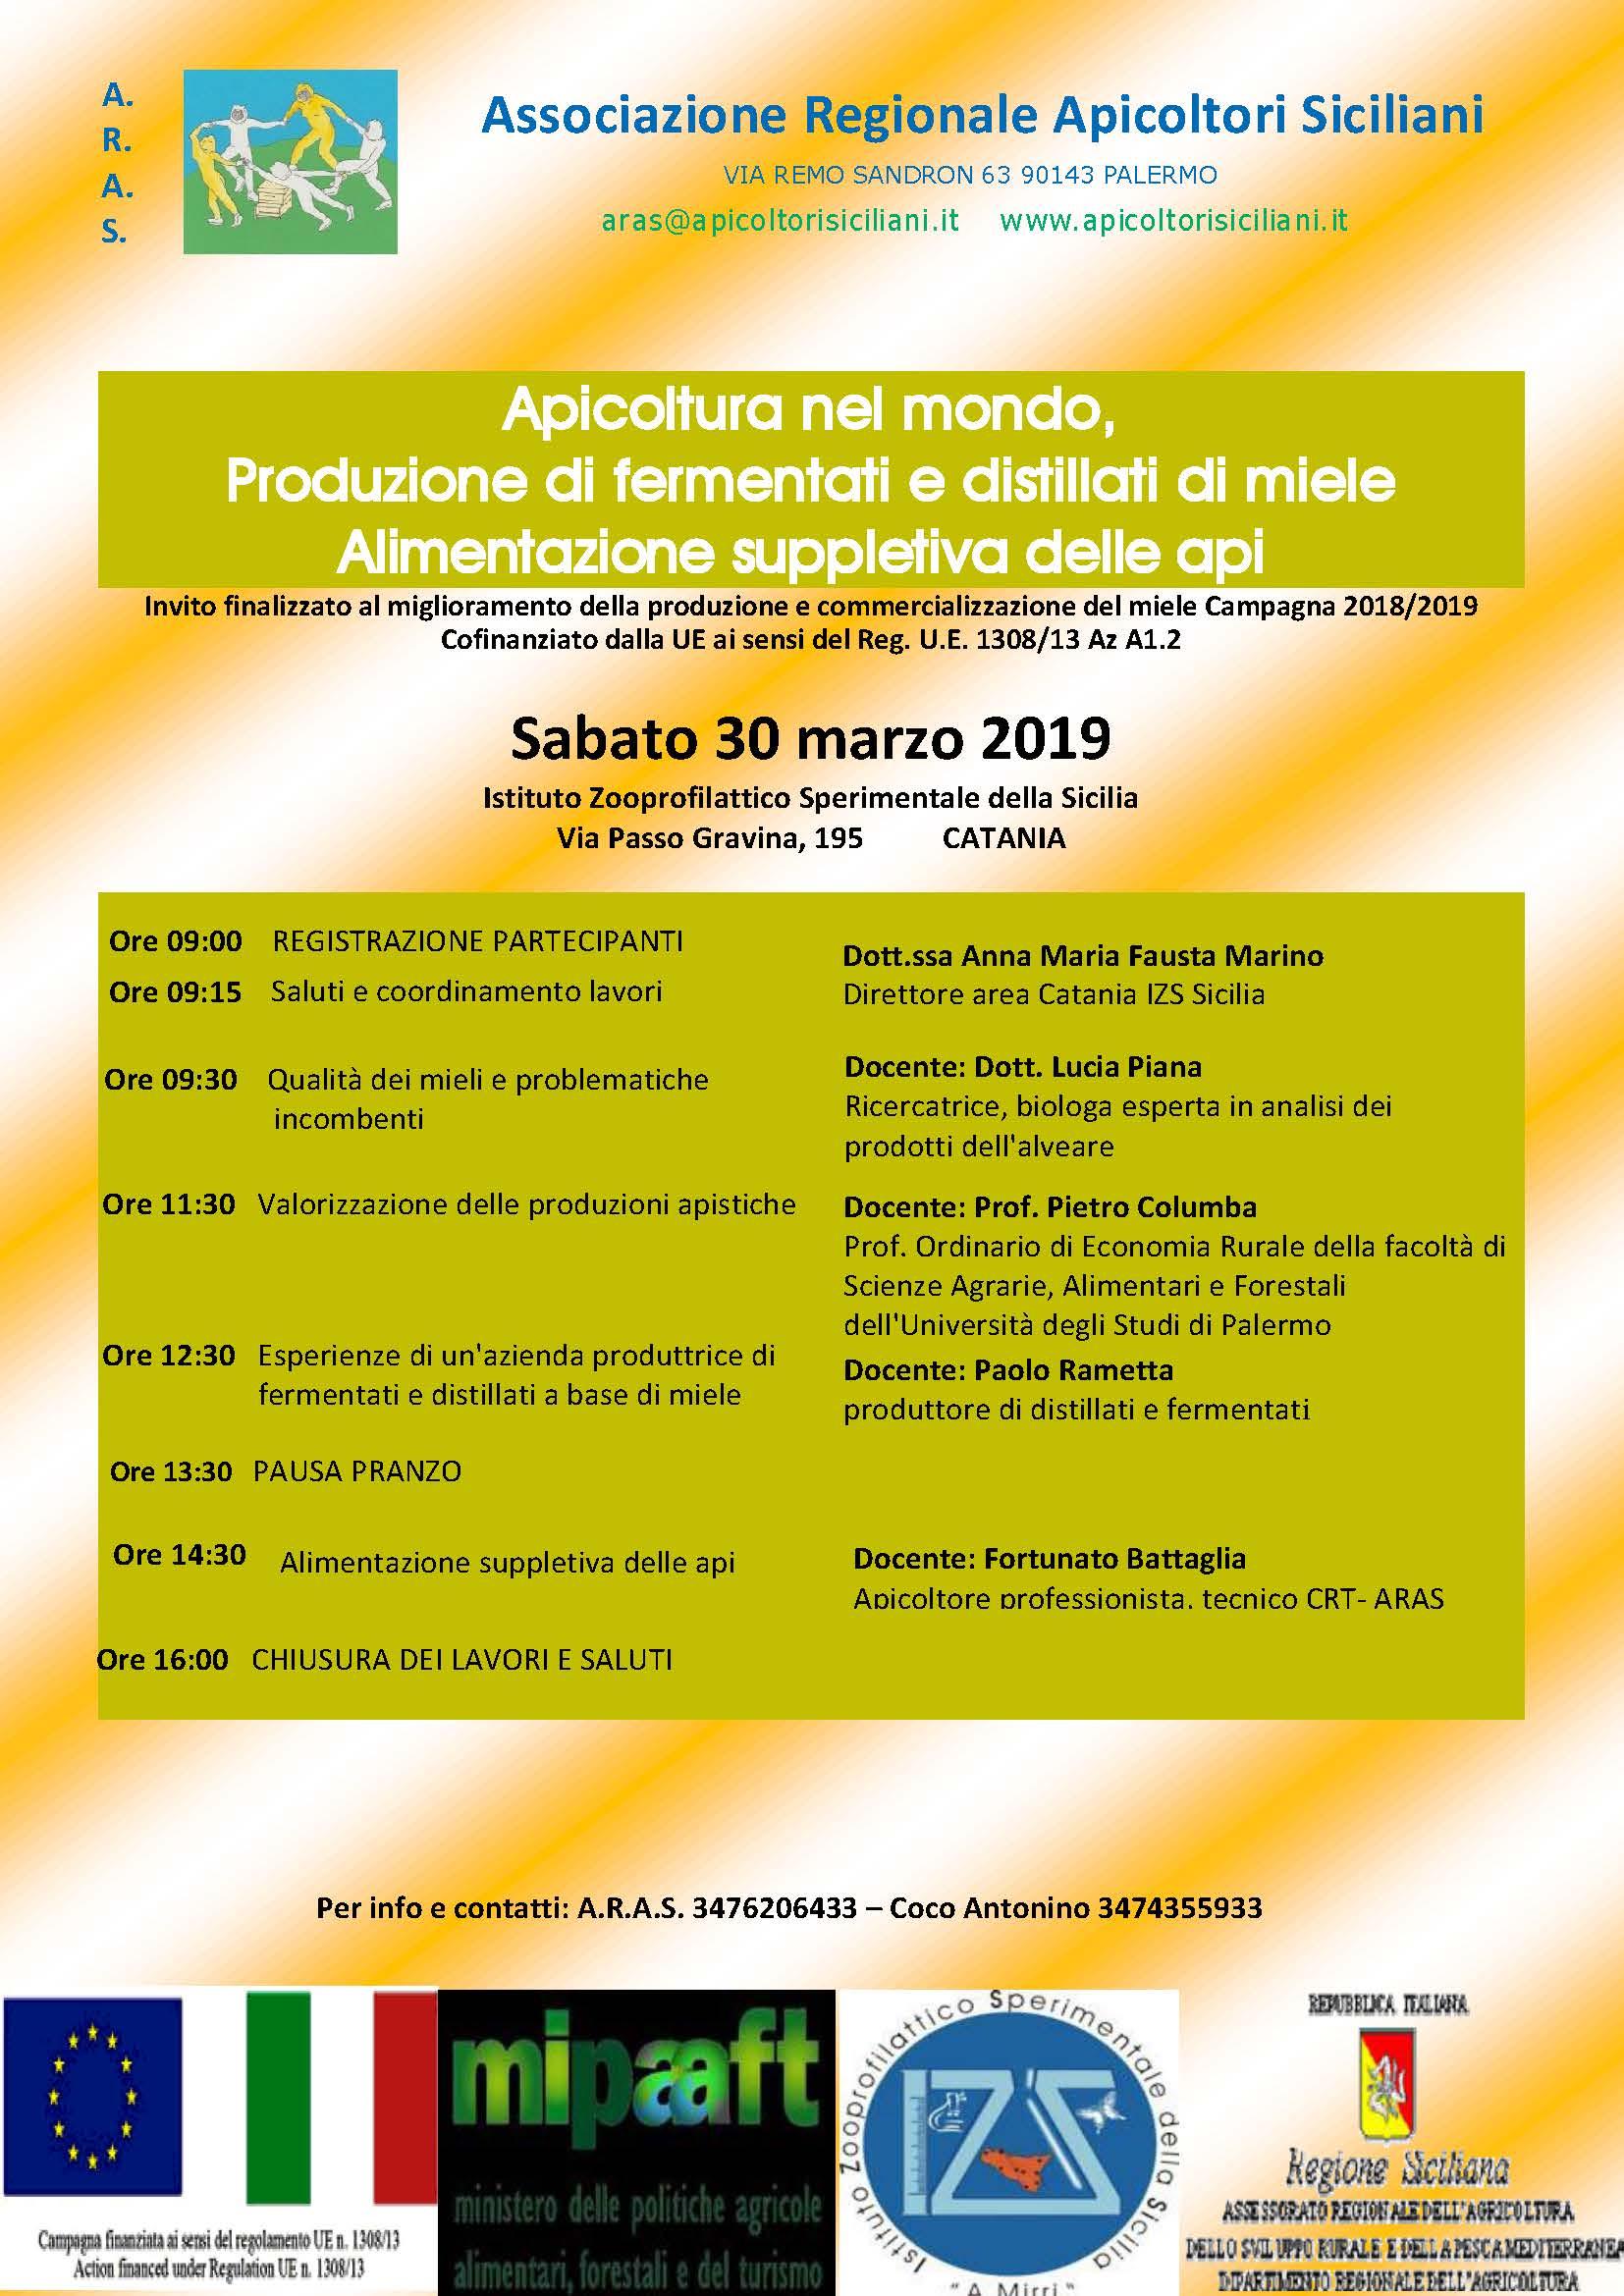 Apicoltori siciliani 2009 2019 a r a s associazione for Mondo catania